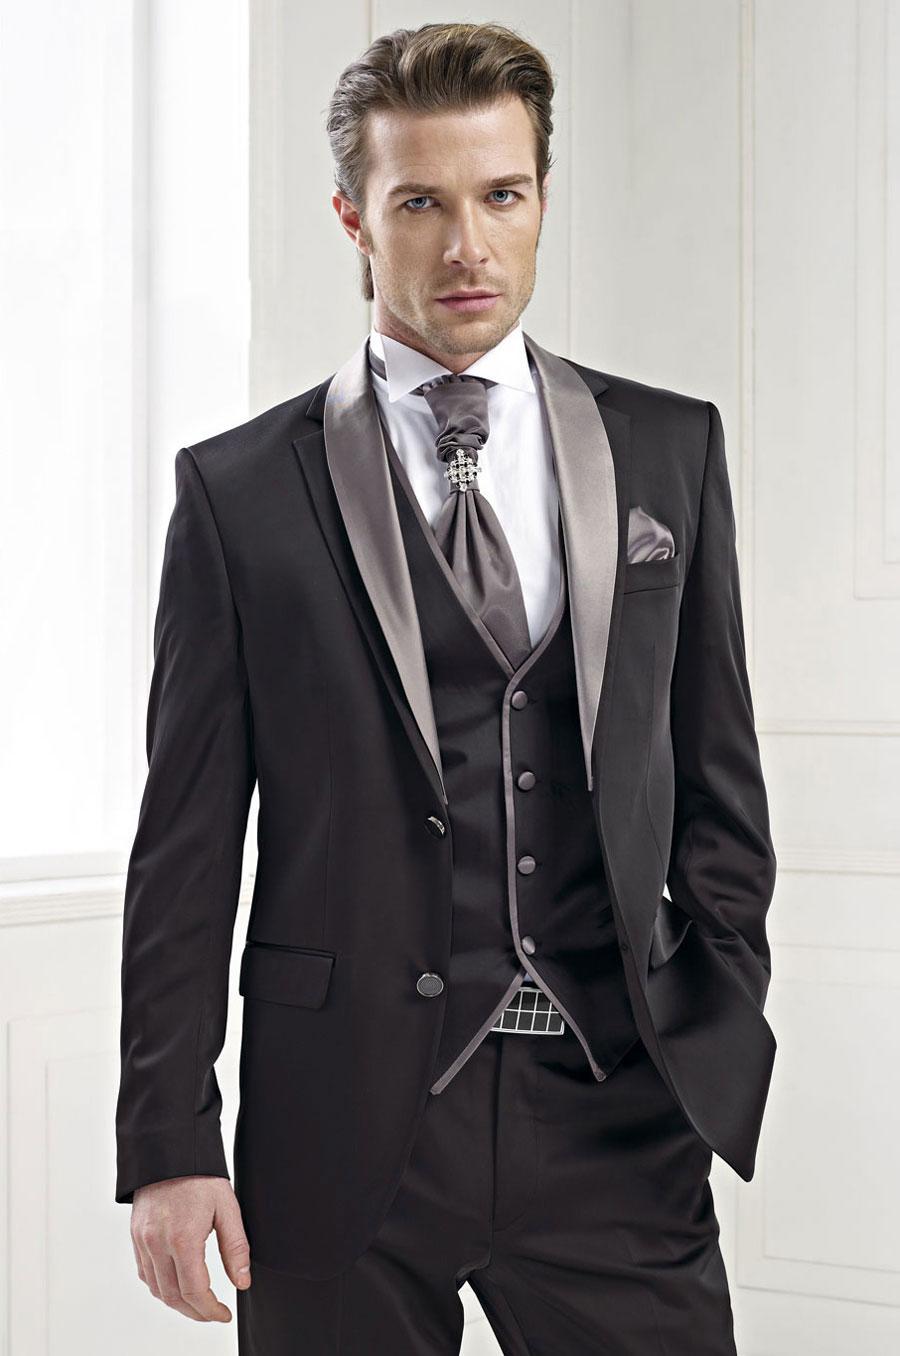 Cheap 3 Piece Suits For Men - Hardon Clothes